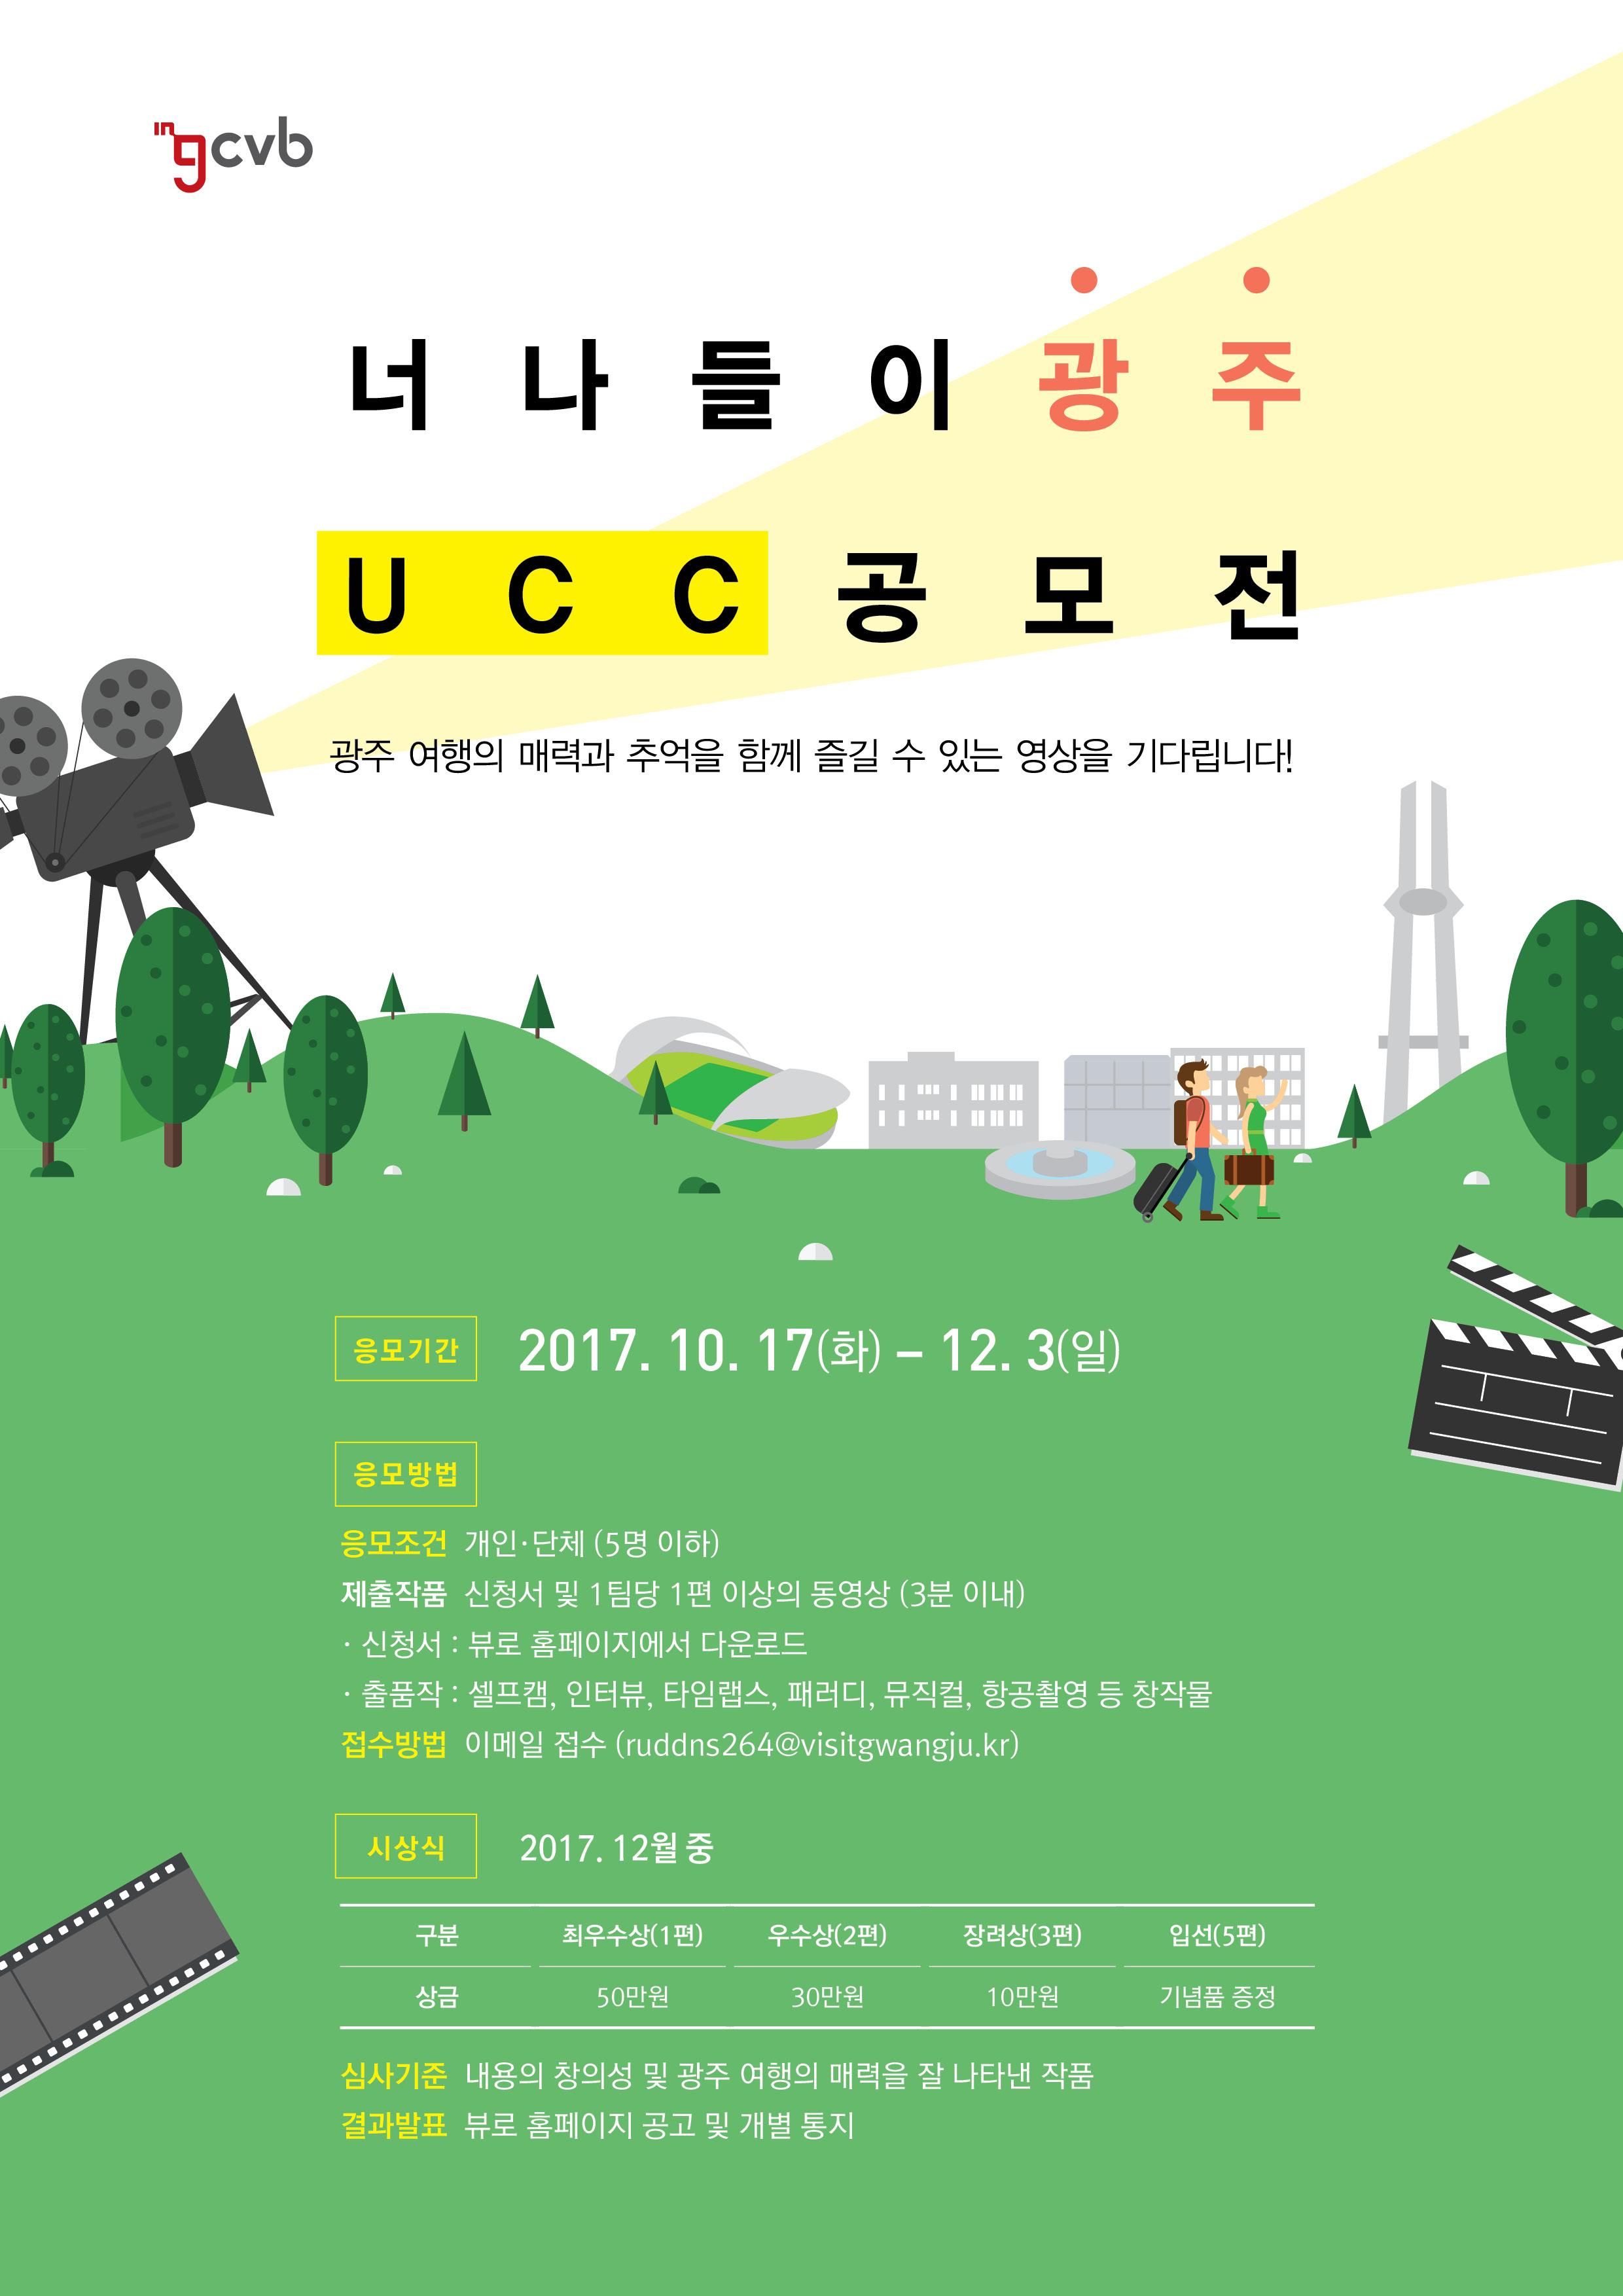 너나들이 광주 UCC 공모전-광주 여행의 매력과 추억을 함께 즐길 수 있는 영상을 기다립니다!(in gcvb)